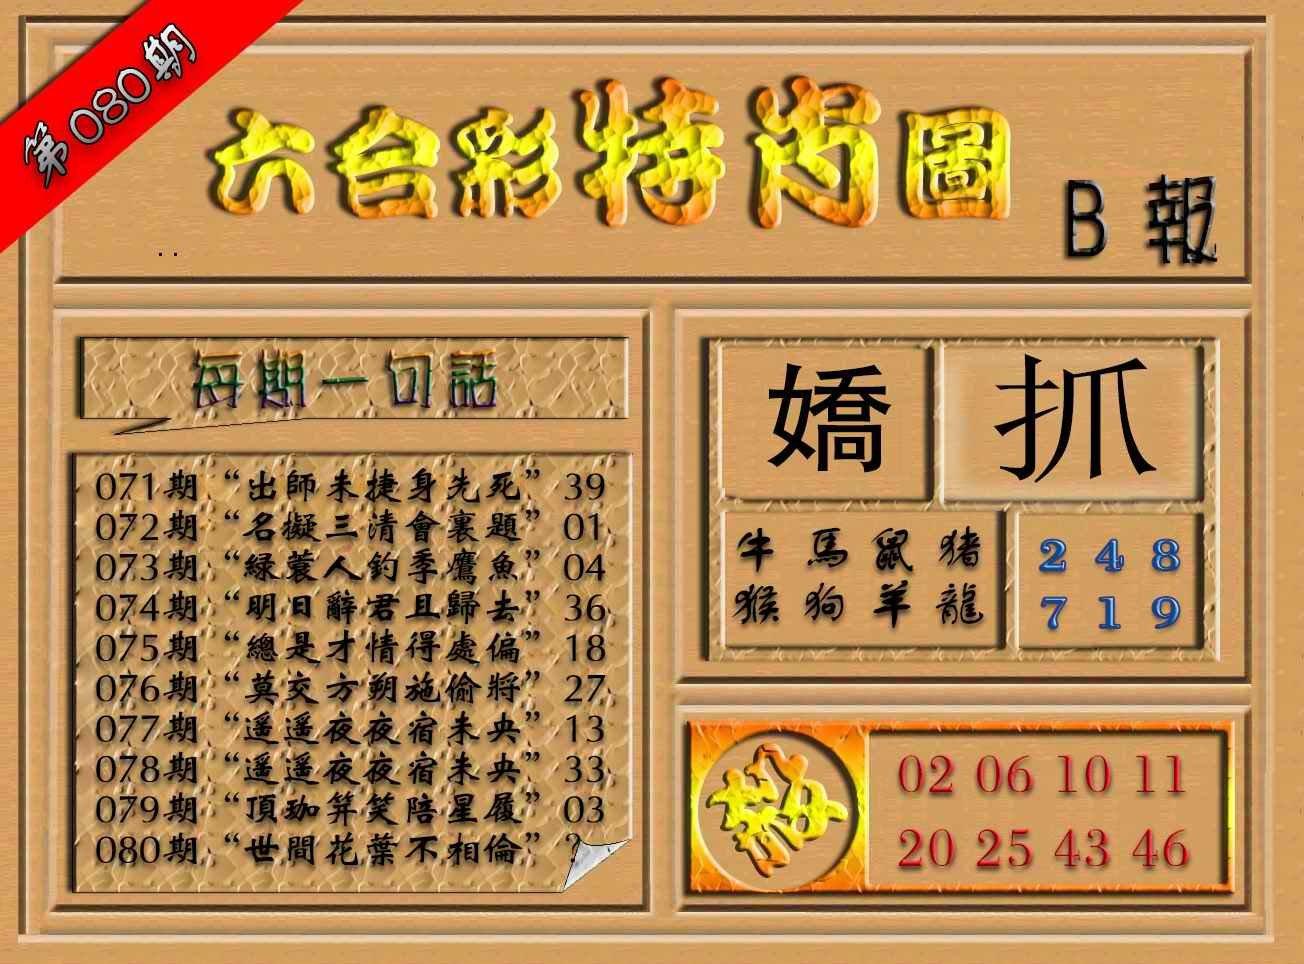 080期六合彩特肖图(B报)